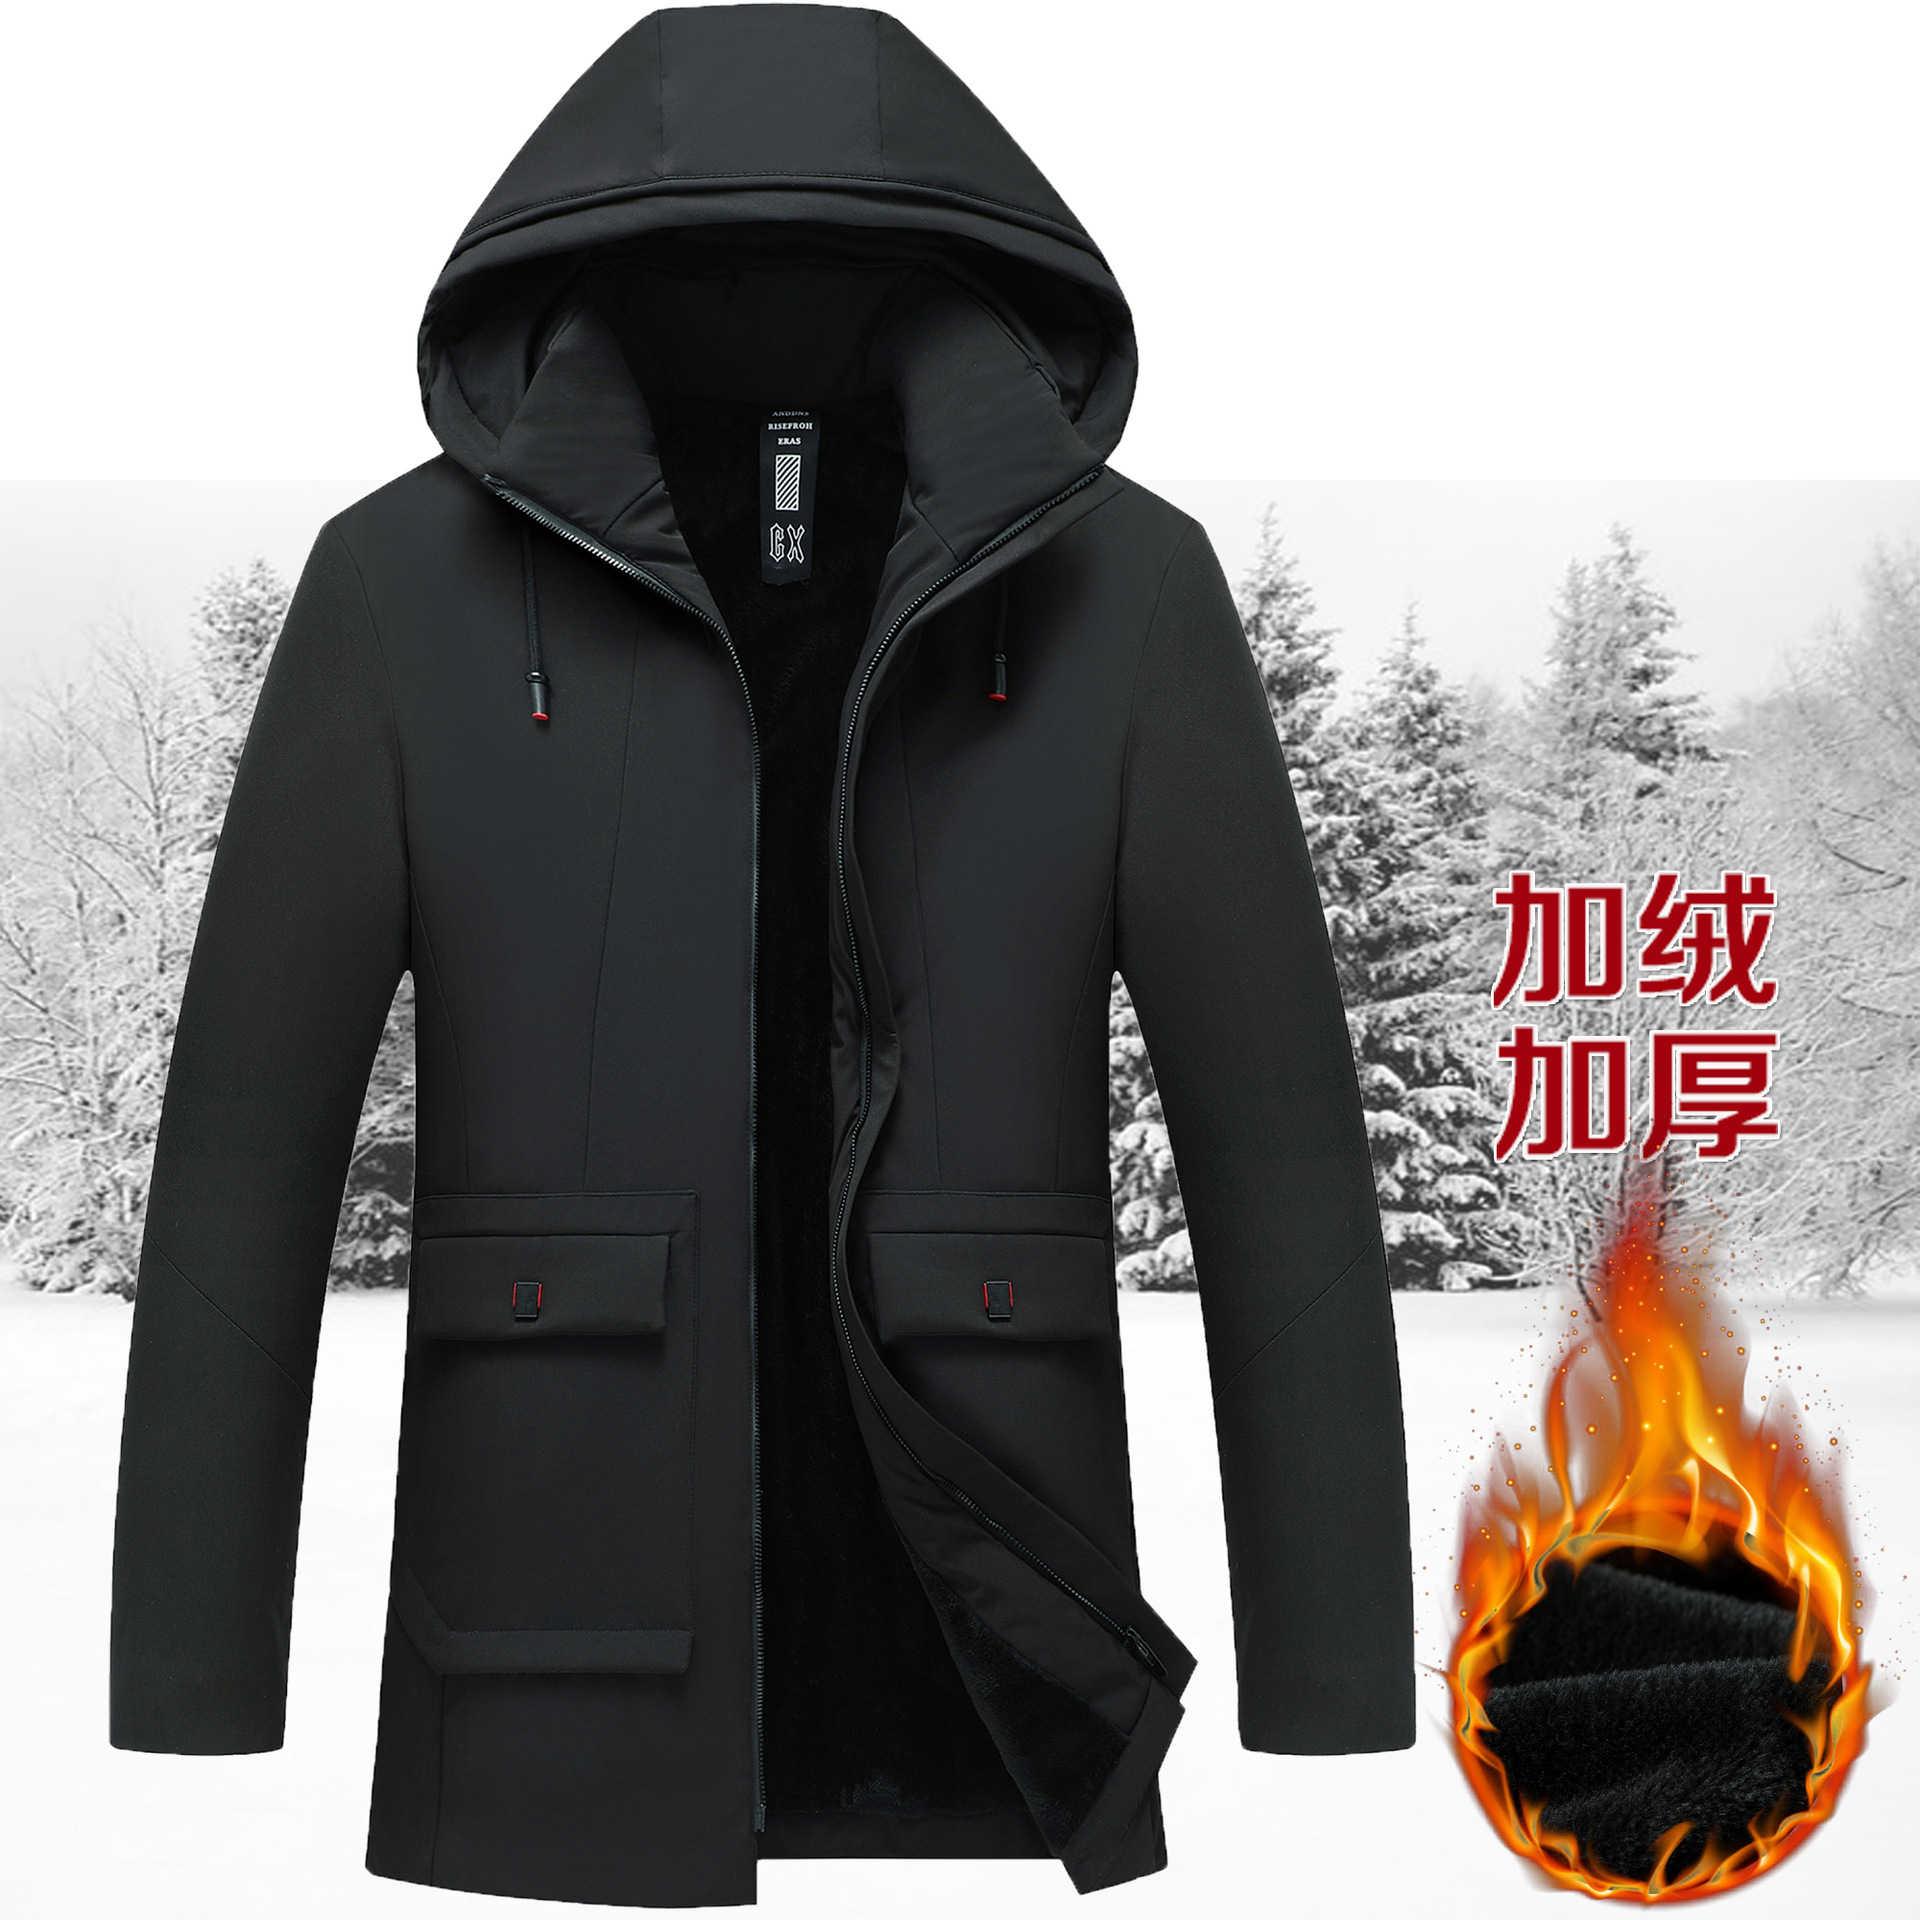 Pakaian Musim Dingin Pria Paruh Baya Mantel Kapas Ditambah Beludru Tebal Bawah Kapas Empuk Panjang Kasual Jaket Katun BY204